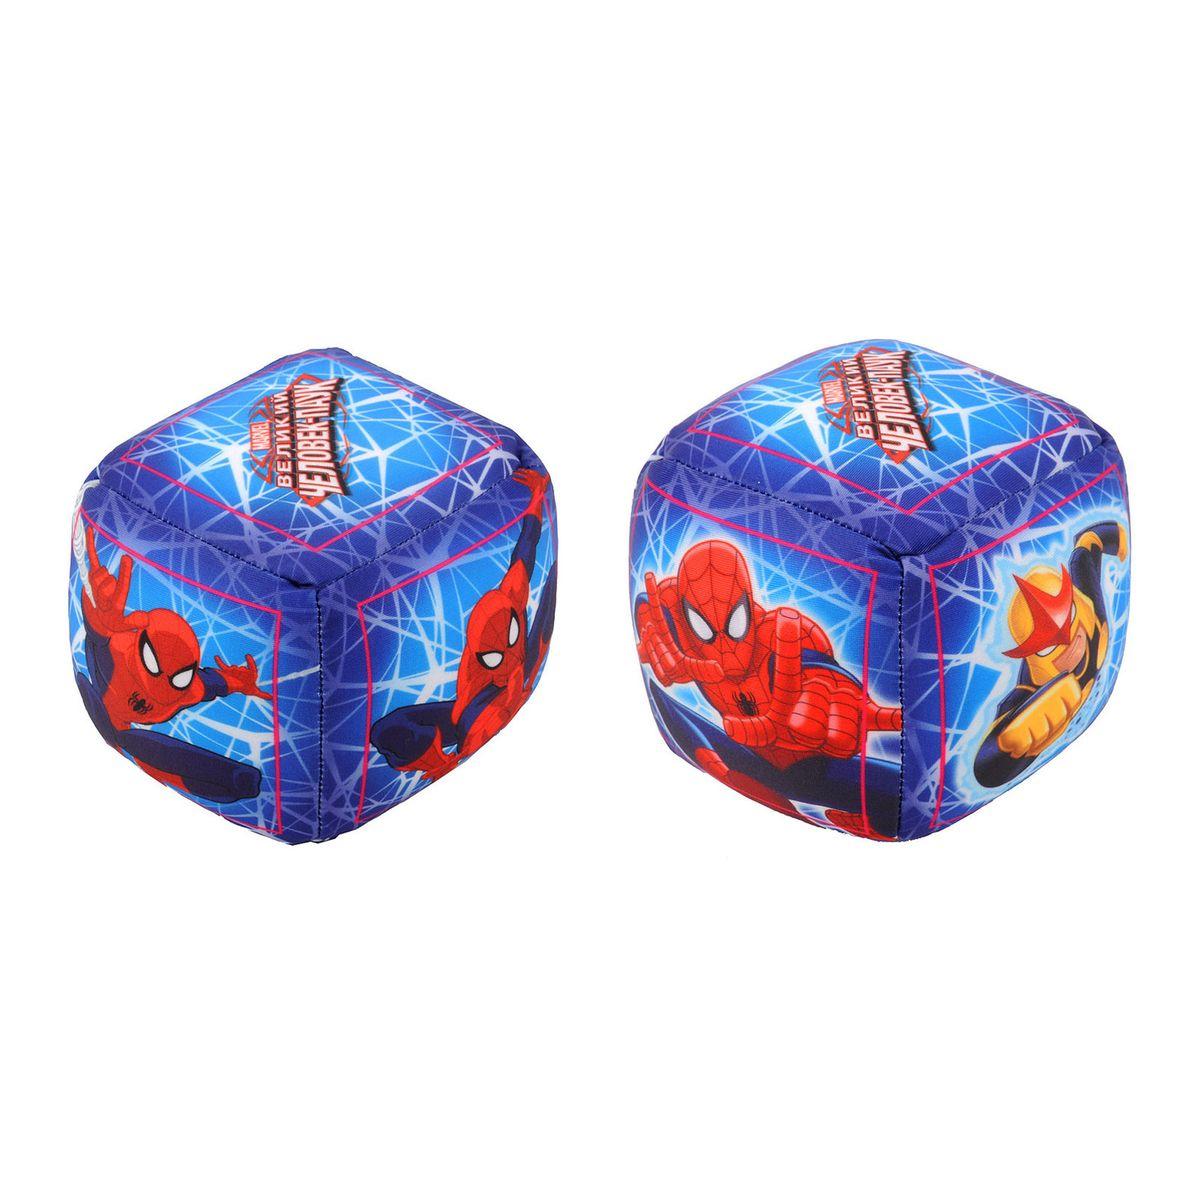 Мини-подушка антистресс 9*9см Человек-Паук65724Мини-подушка антистресс из эластичного нейлона в виде кубиков с героями Человек-Паук - отличный подарок для ребенка. Подупаковка - шоубокс.